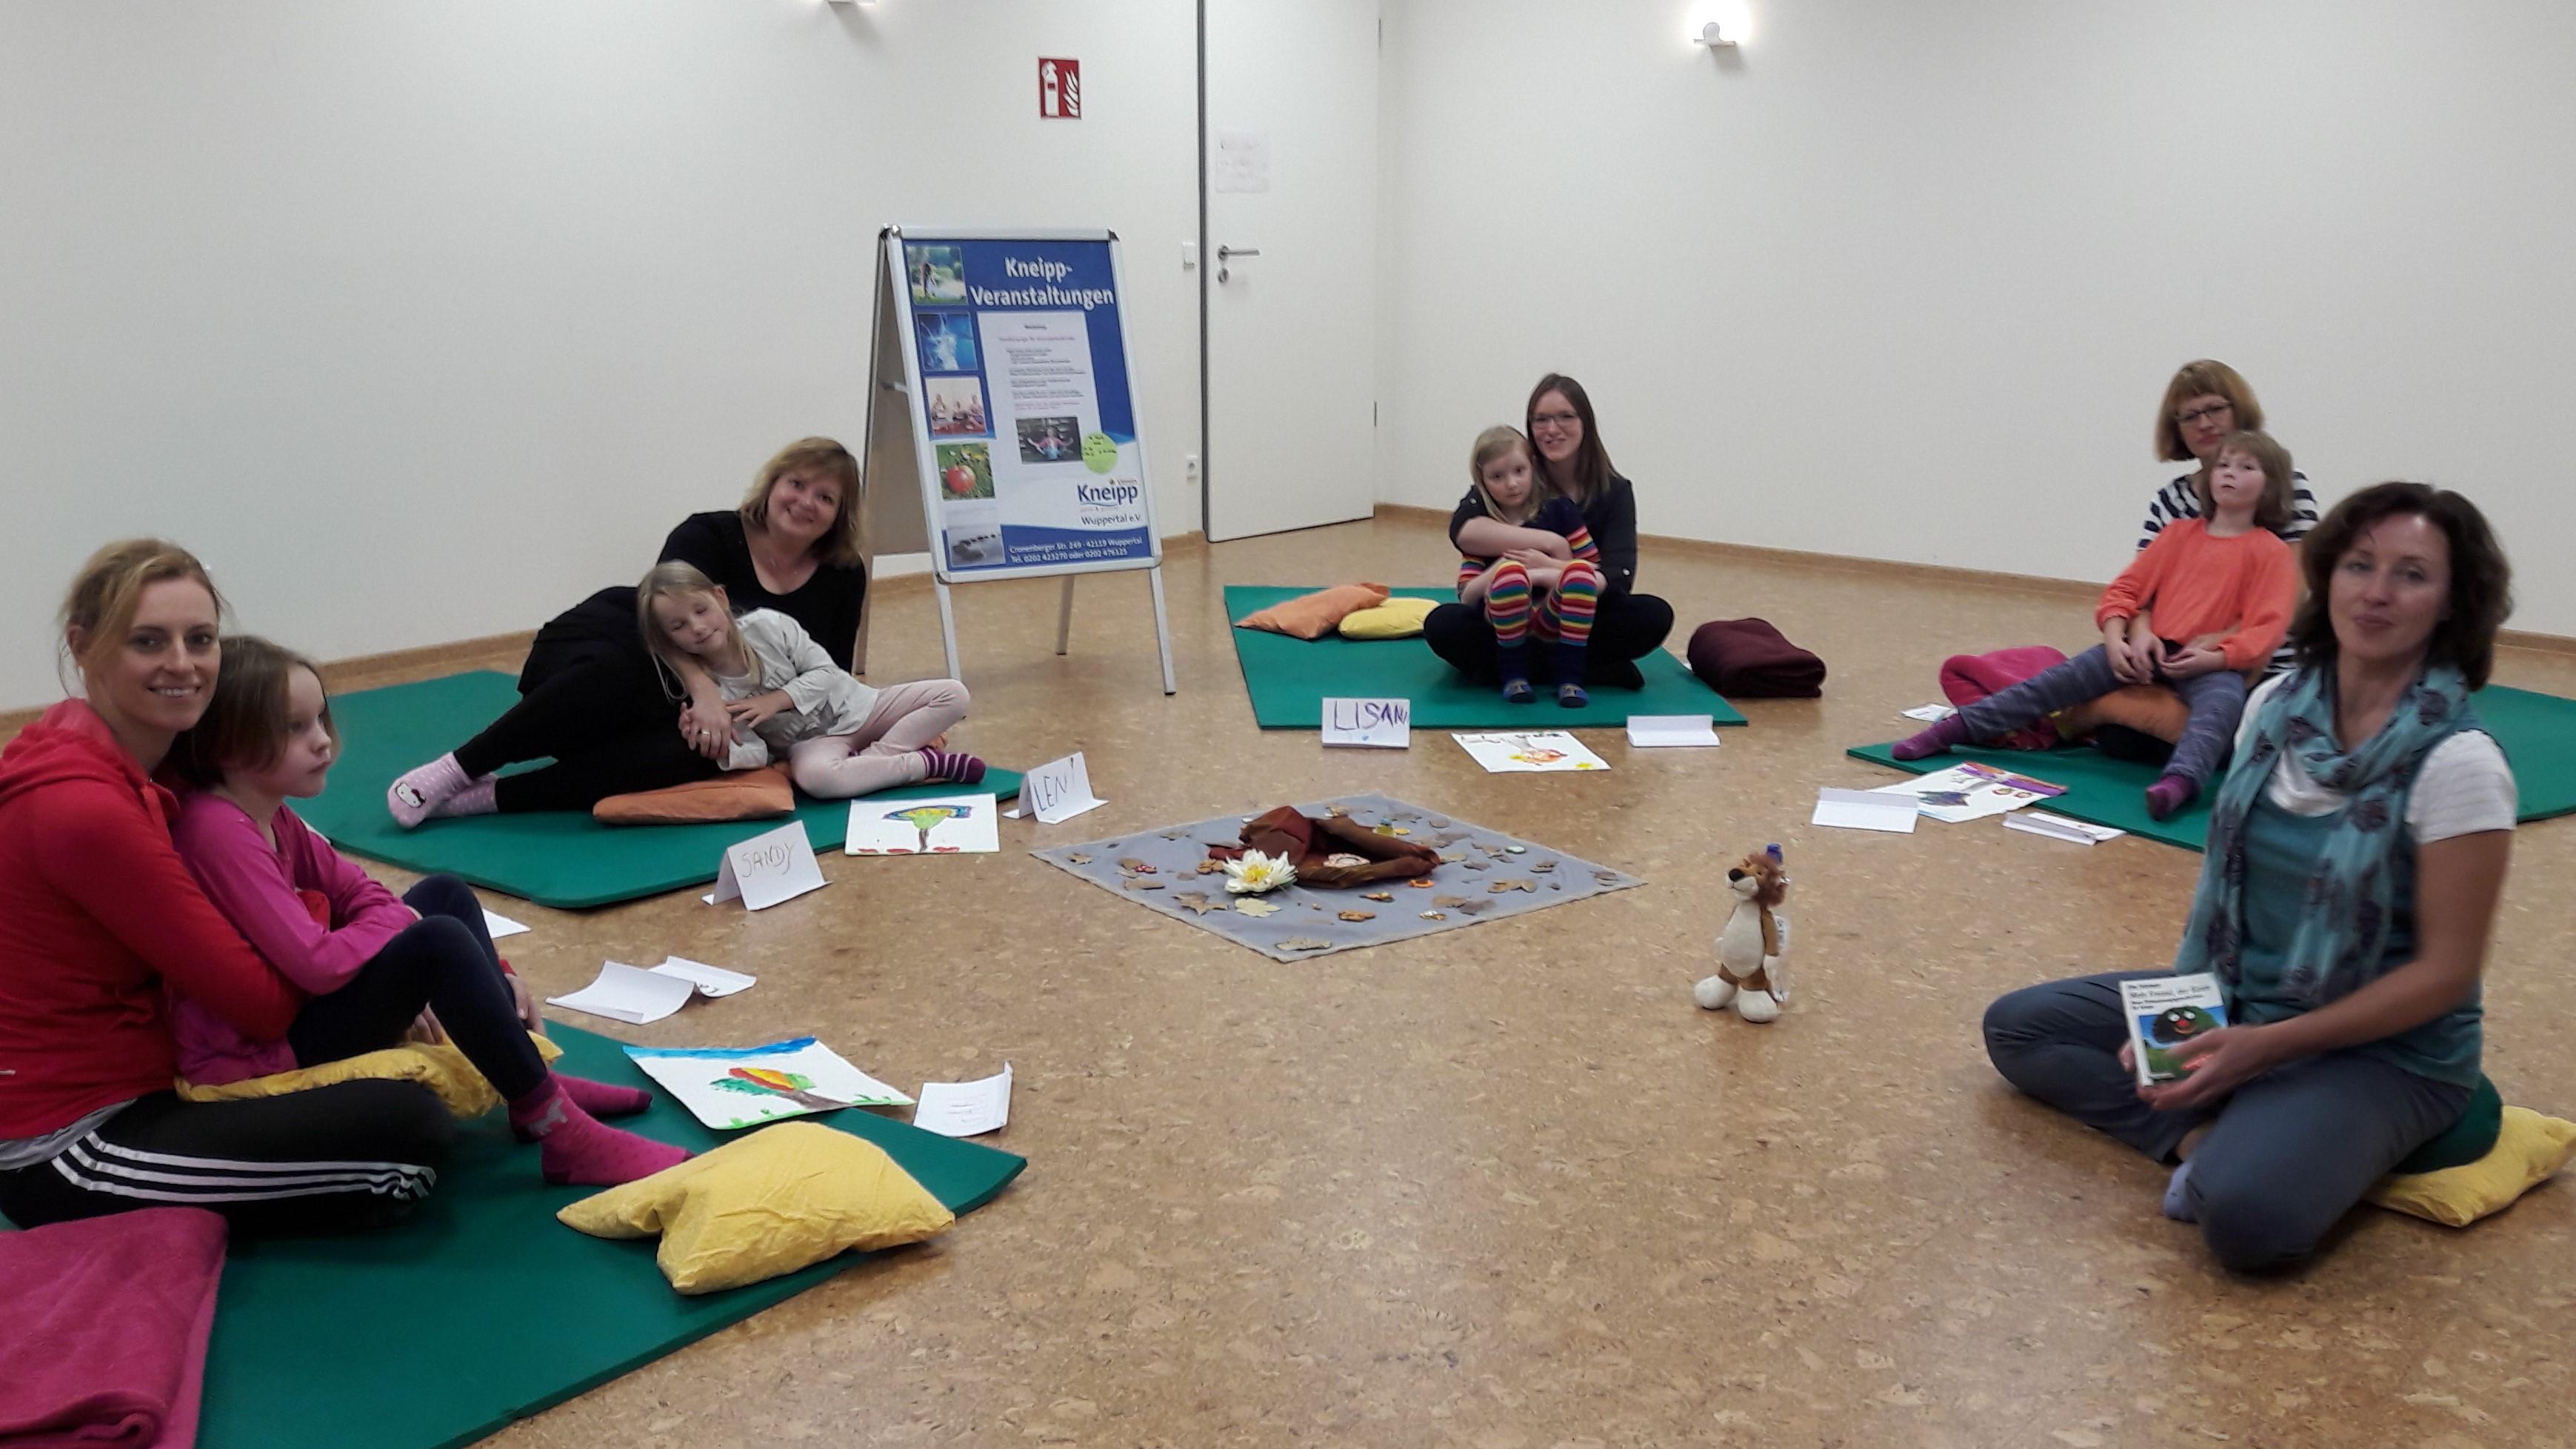 Familienyoga - gemeinsam dem Stress begegnen und entspannen! @ Hahnerberger Apotheke | Wuppertal | Nordrhein-Westfalen | Deutschland